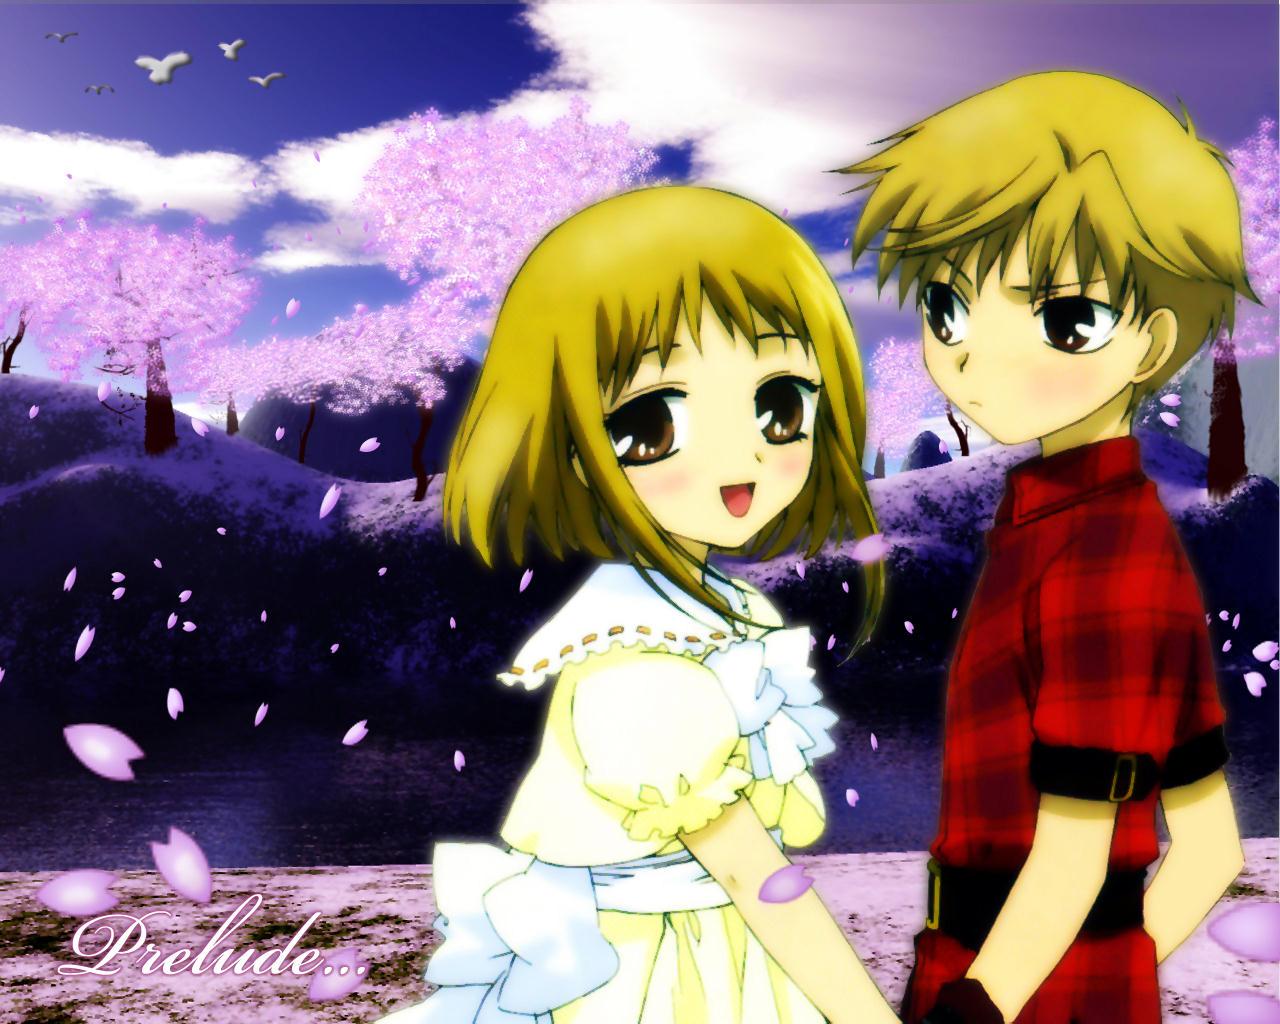 Fruits Basket Wallpaper #416165 - Zerochan Anime Image Board